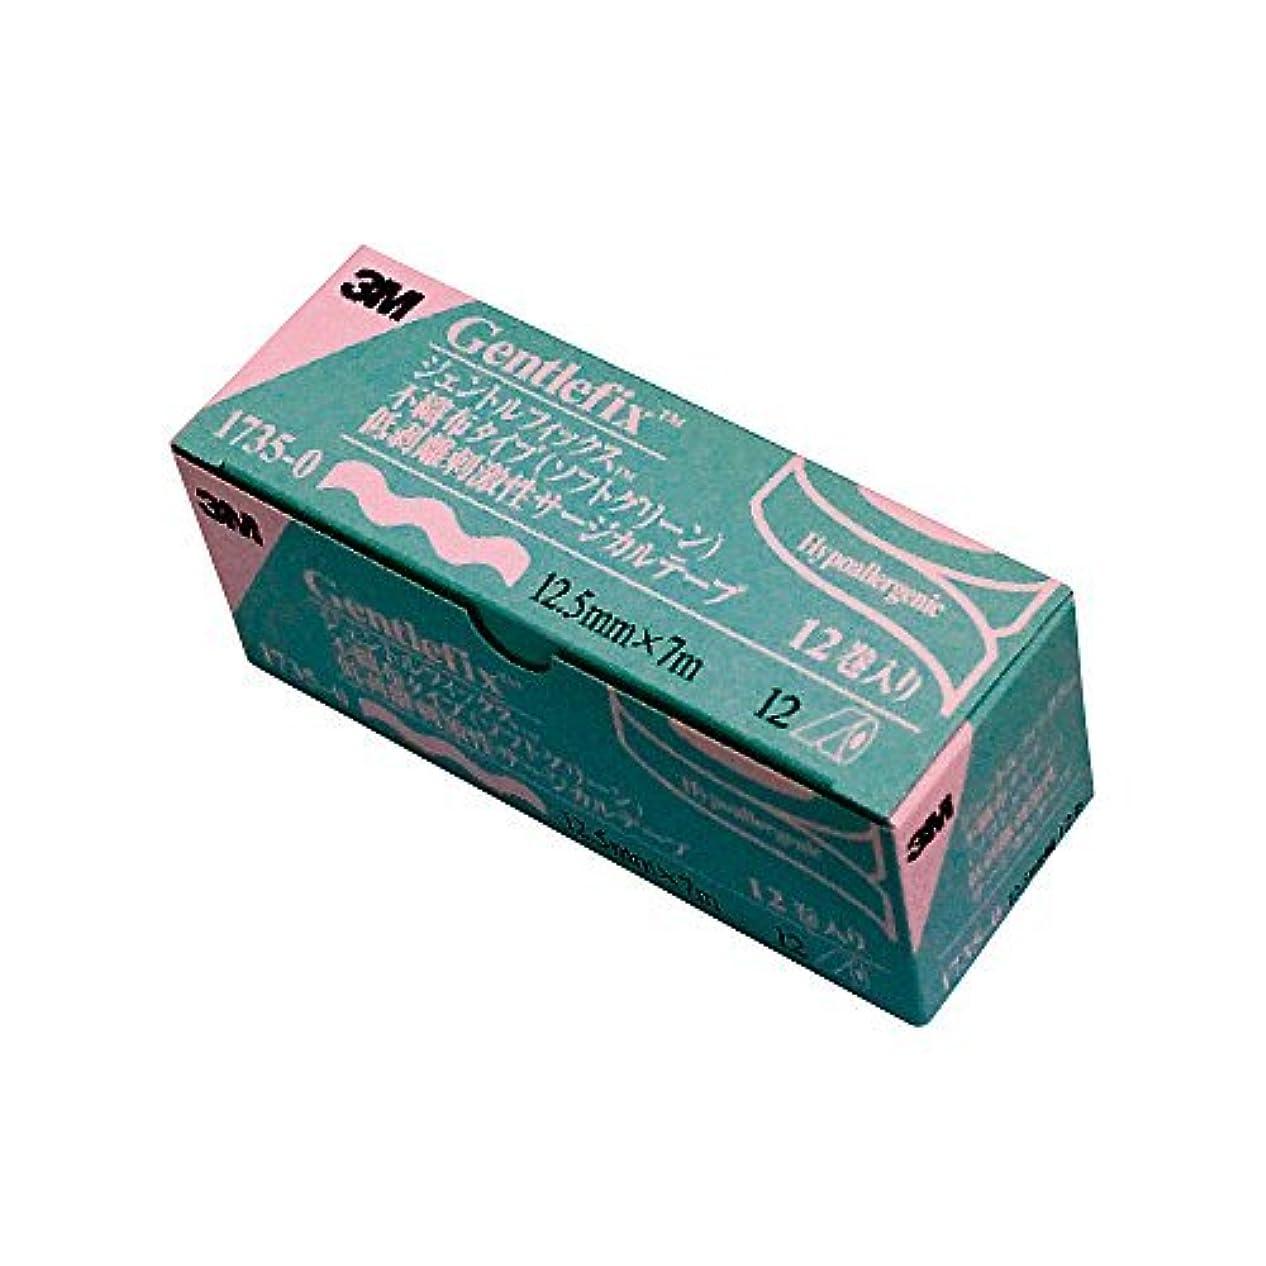 歯昼寝日付付きまつげエクステ 3M ジェントルフィックス(サージカルテープ) (1箱(12巻))